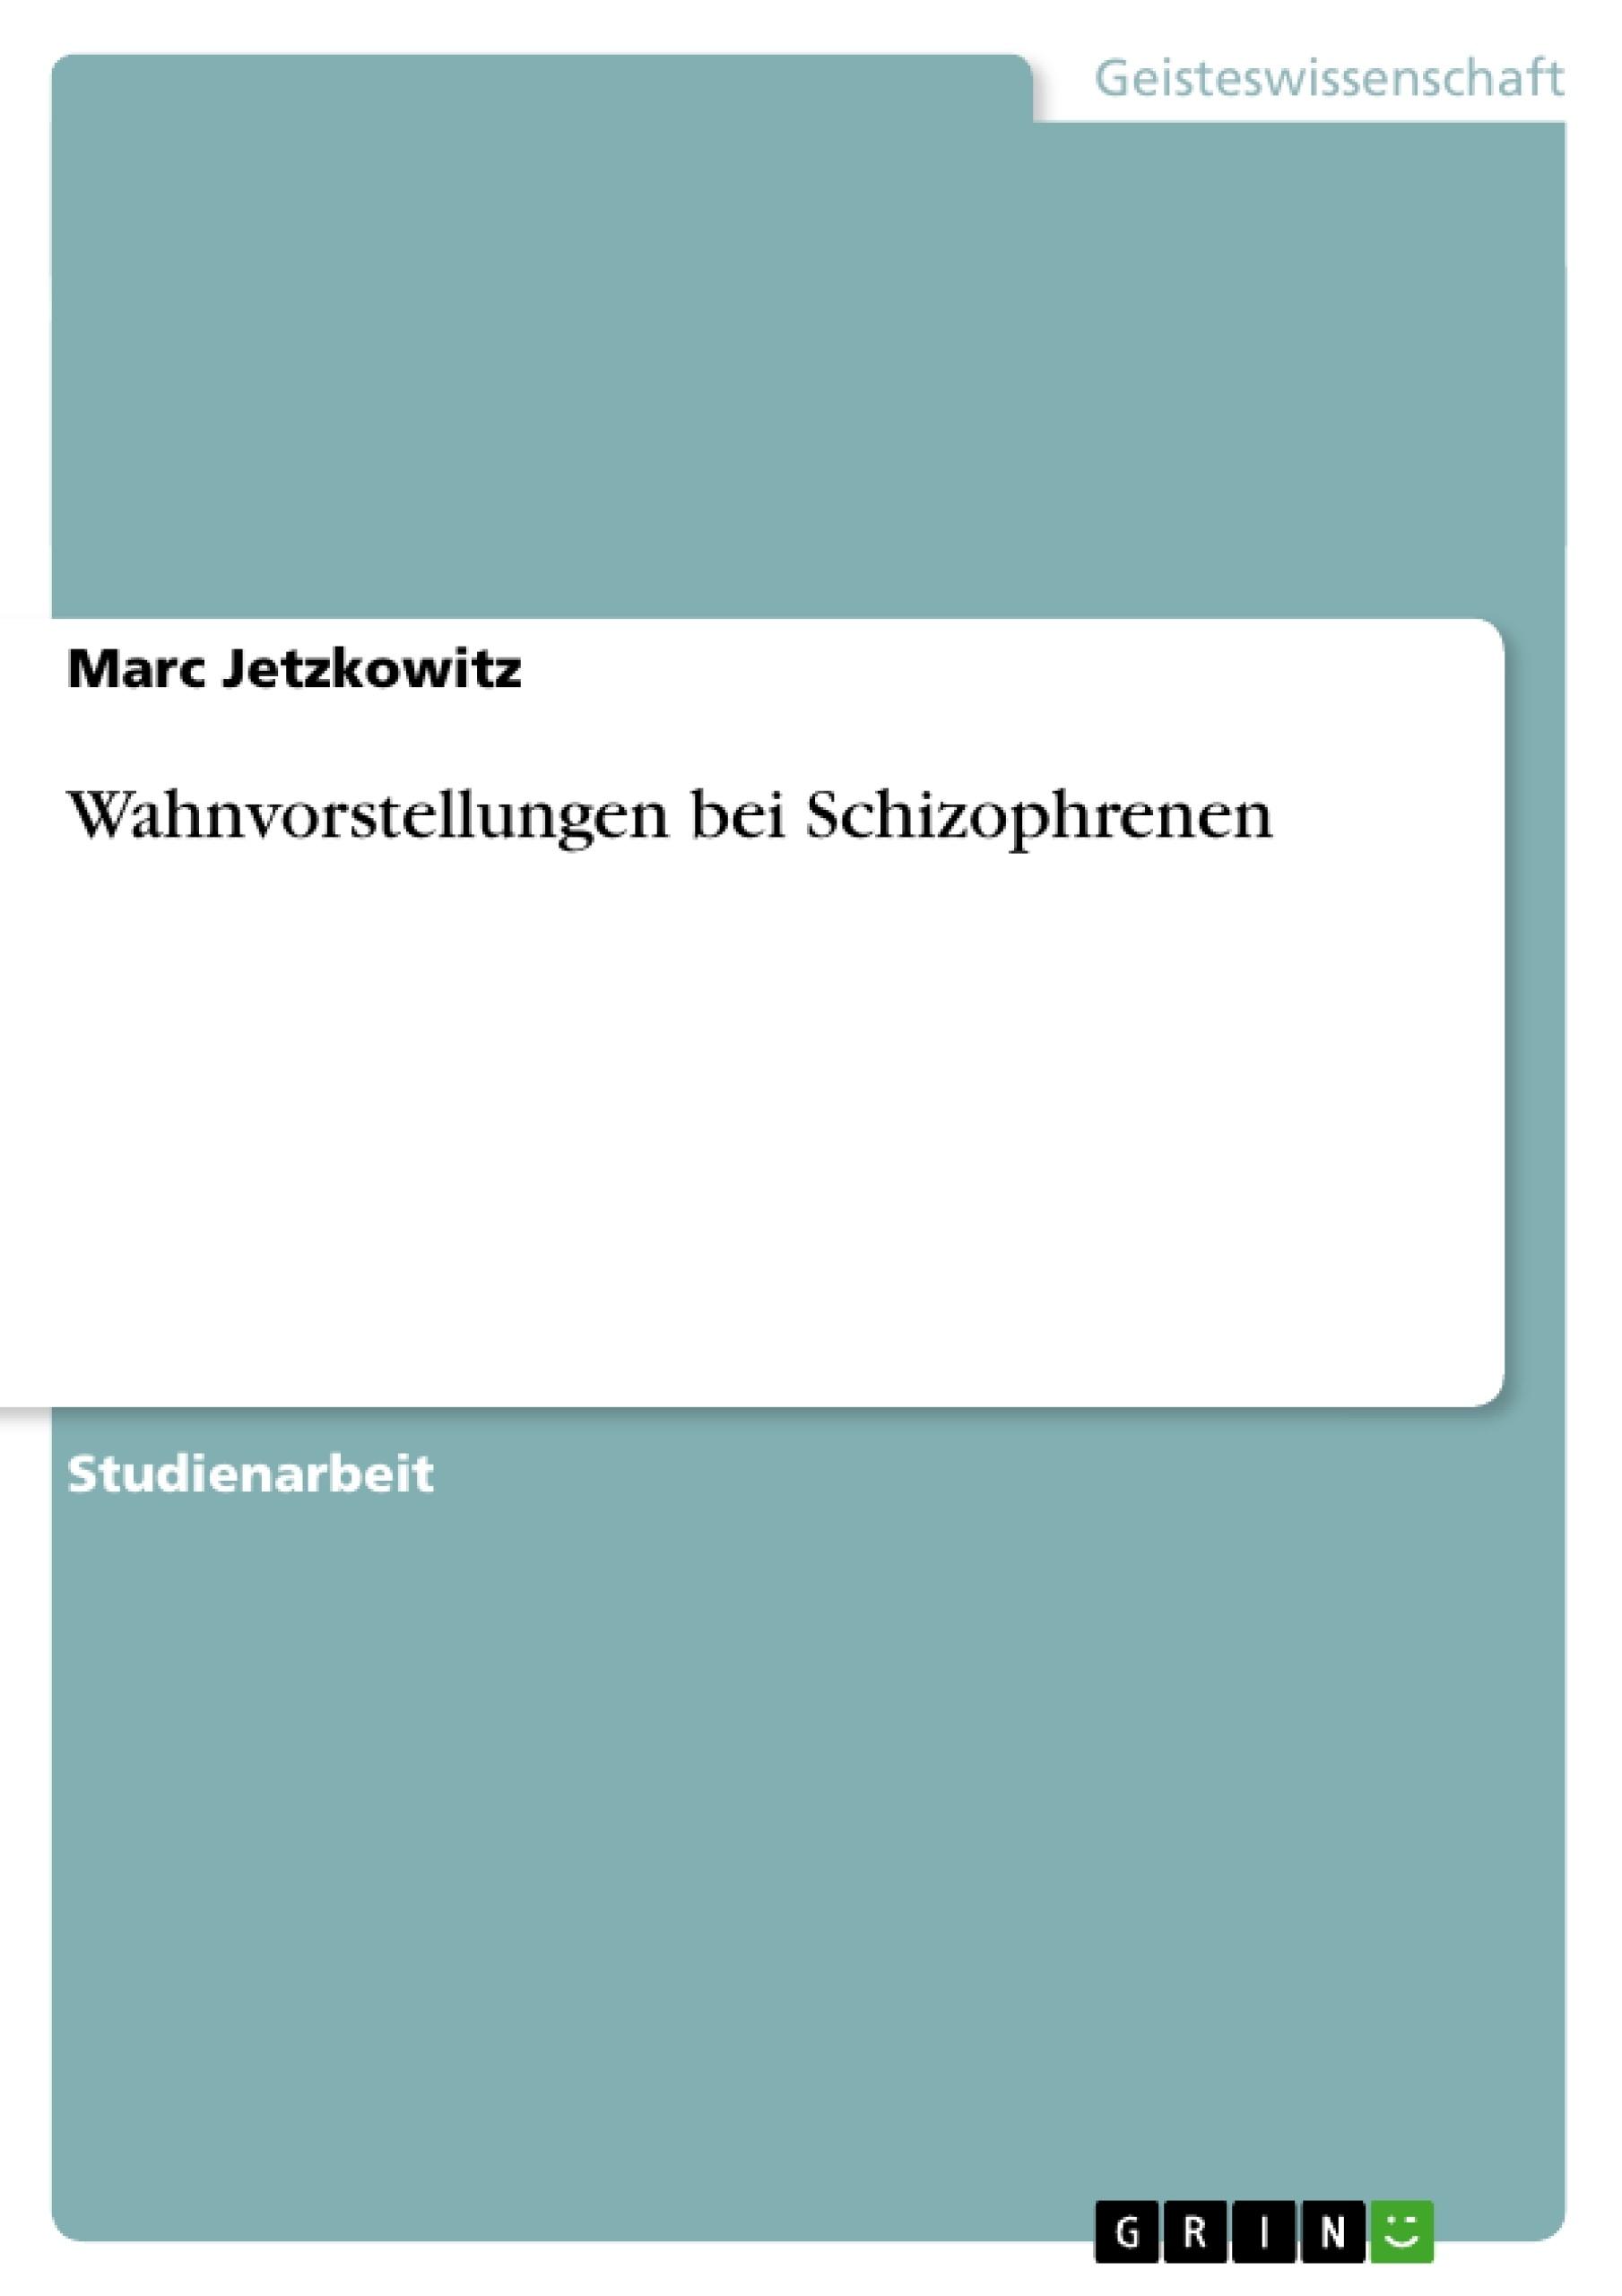 Titel: Wahnvorstellungen bei Schizophrenen